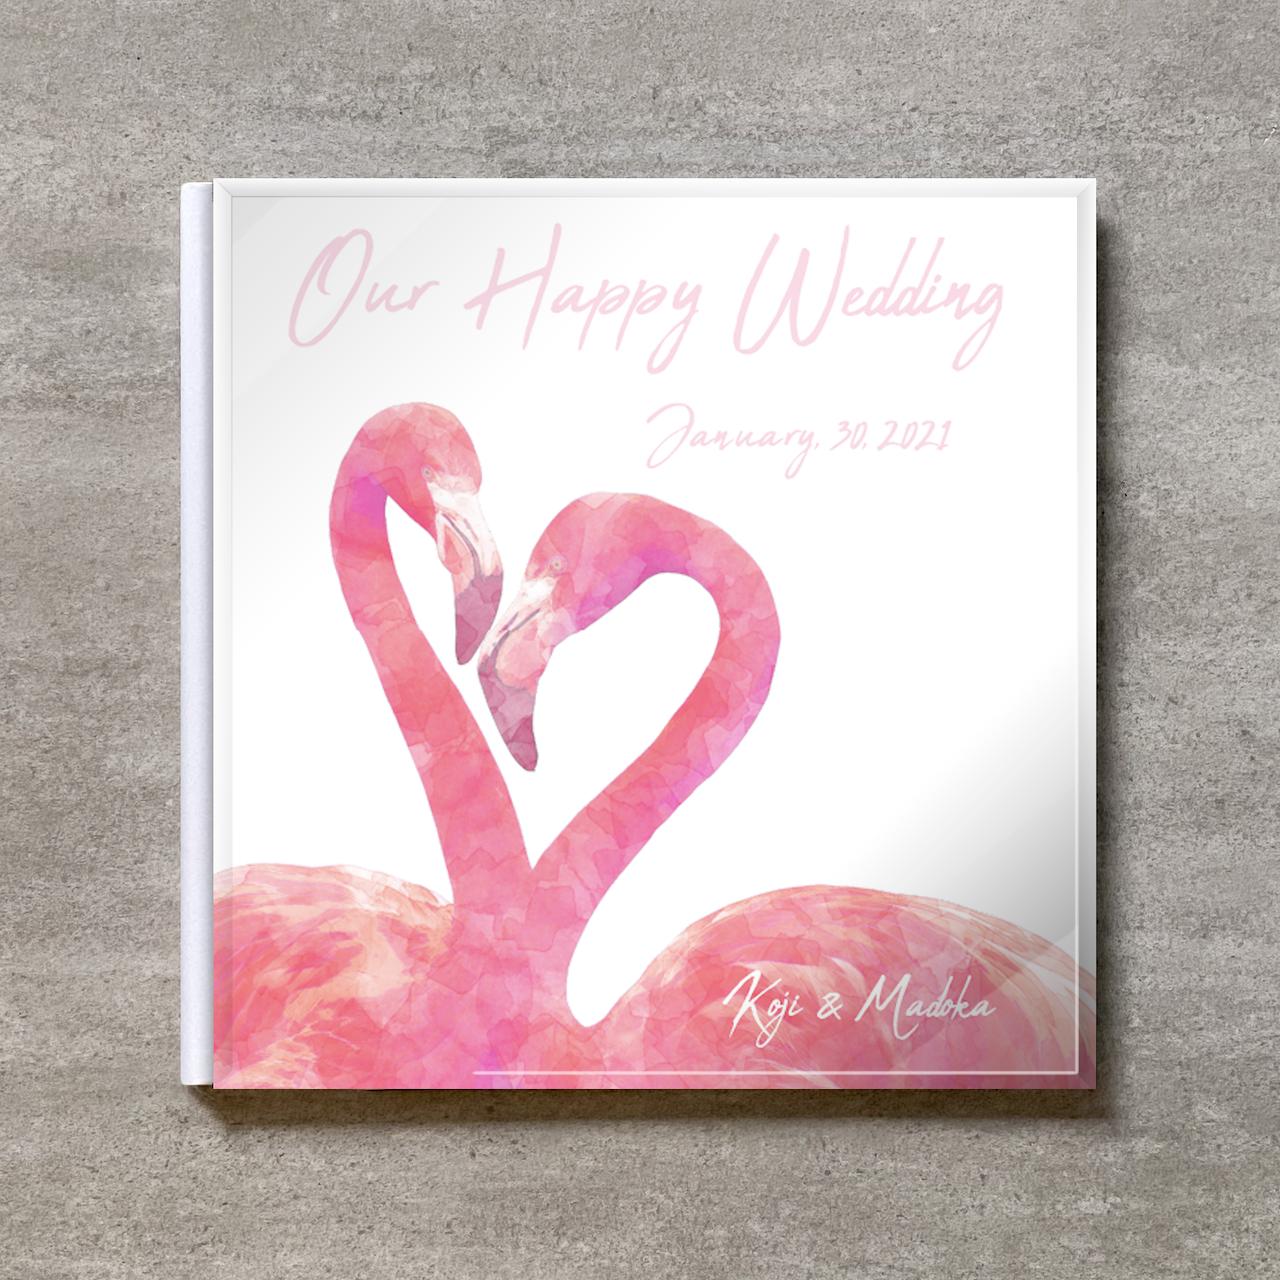 White Flamingo_A4スクエア_30ページ/50カット_クラシックアルバム(アクリルカバー)